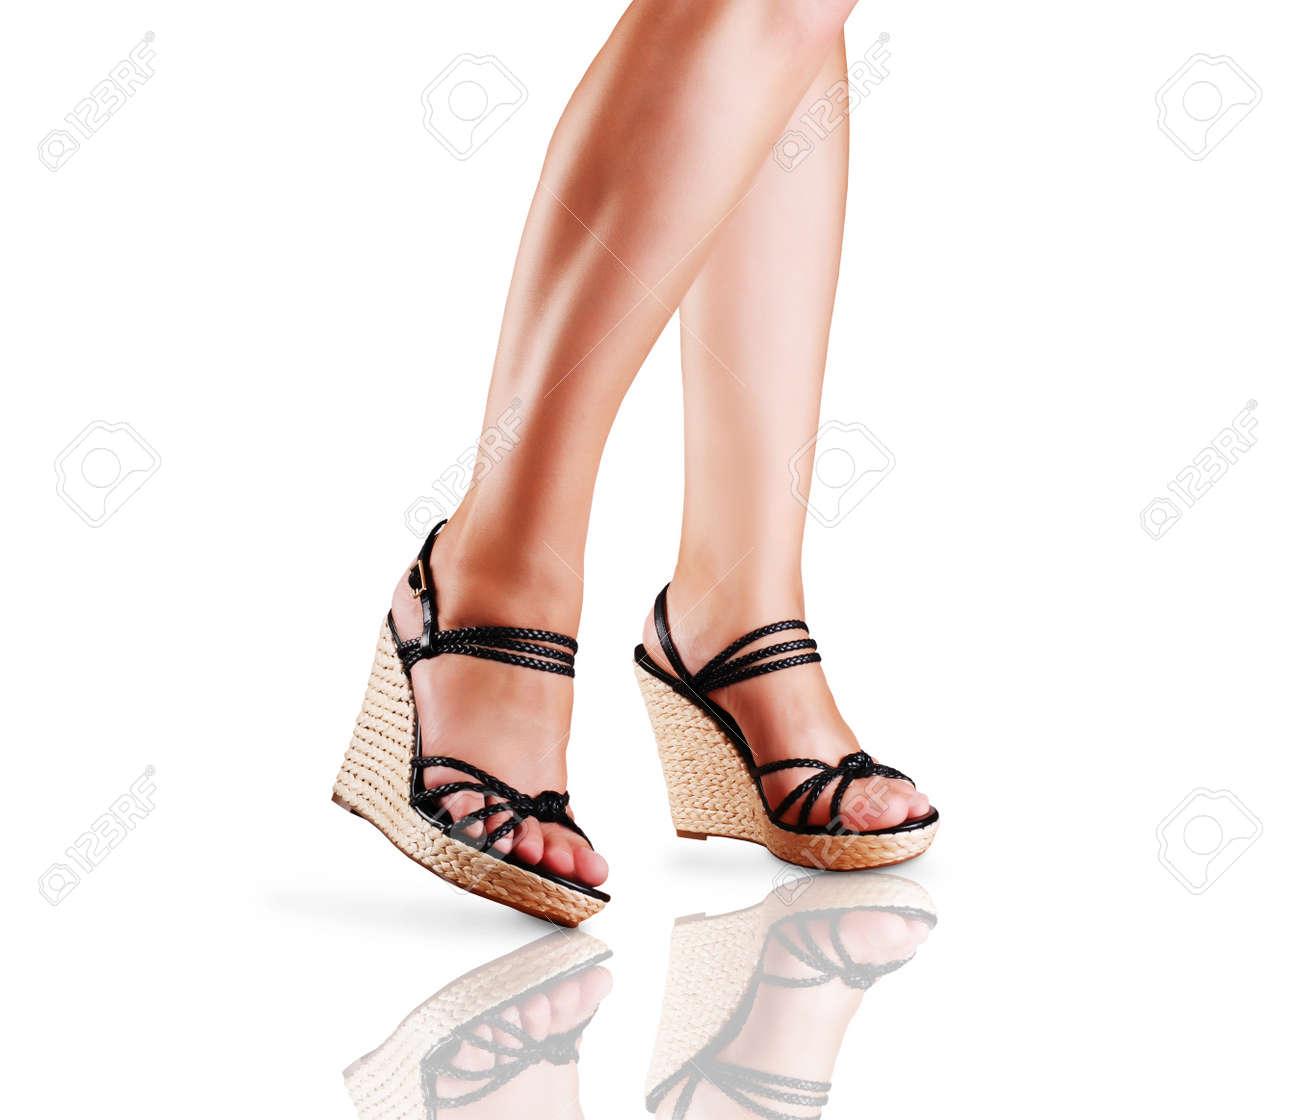 Señoras Cuña Con Suelo La Pies Sandalias El En De Tacón Reflexión 0nwOPk